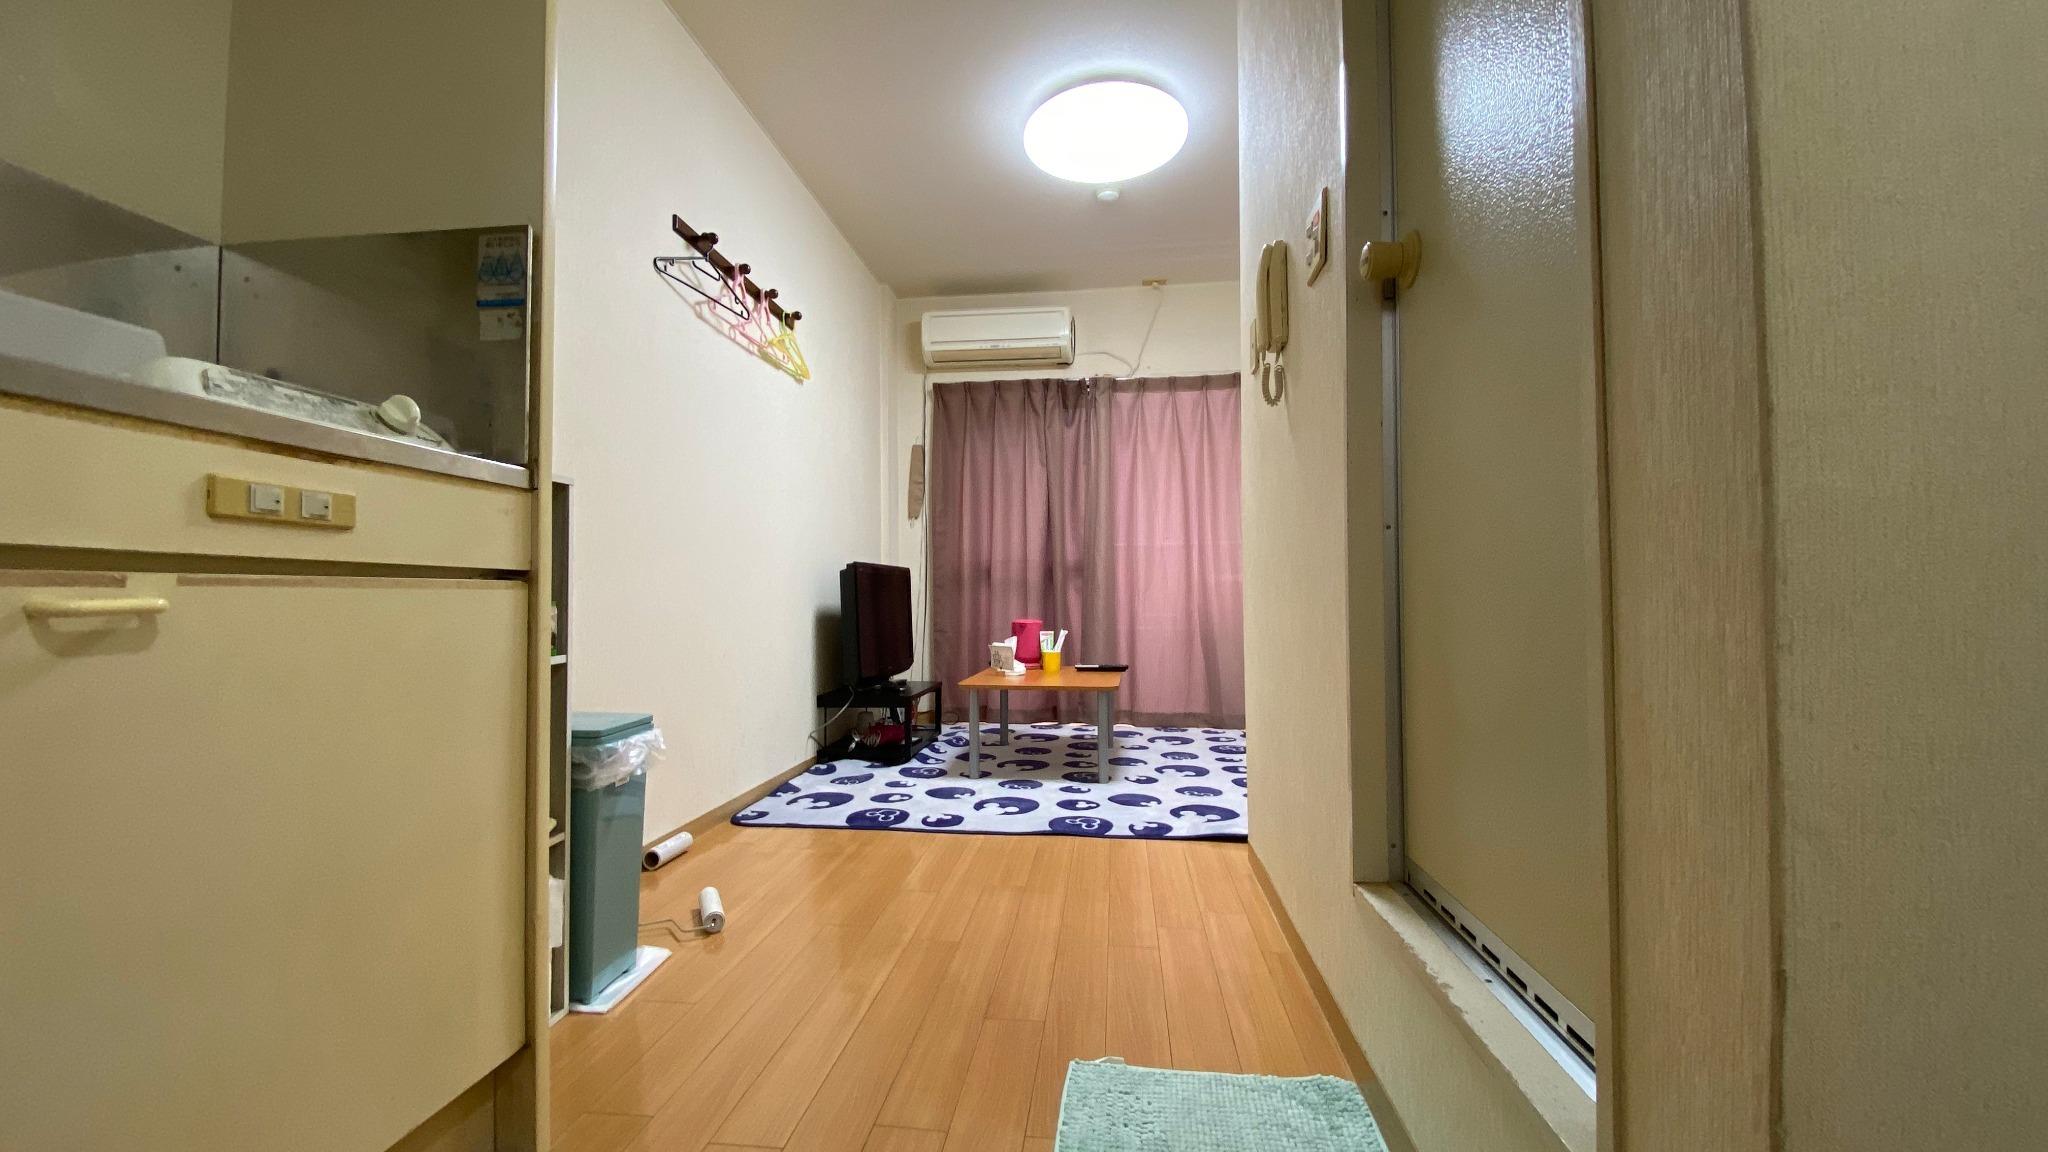 テレビ、エアコン、冷蔵庫など一通りの家電完備